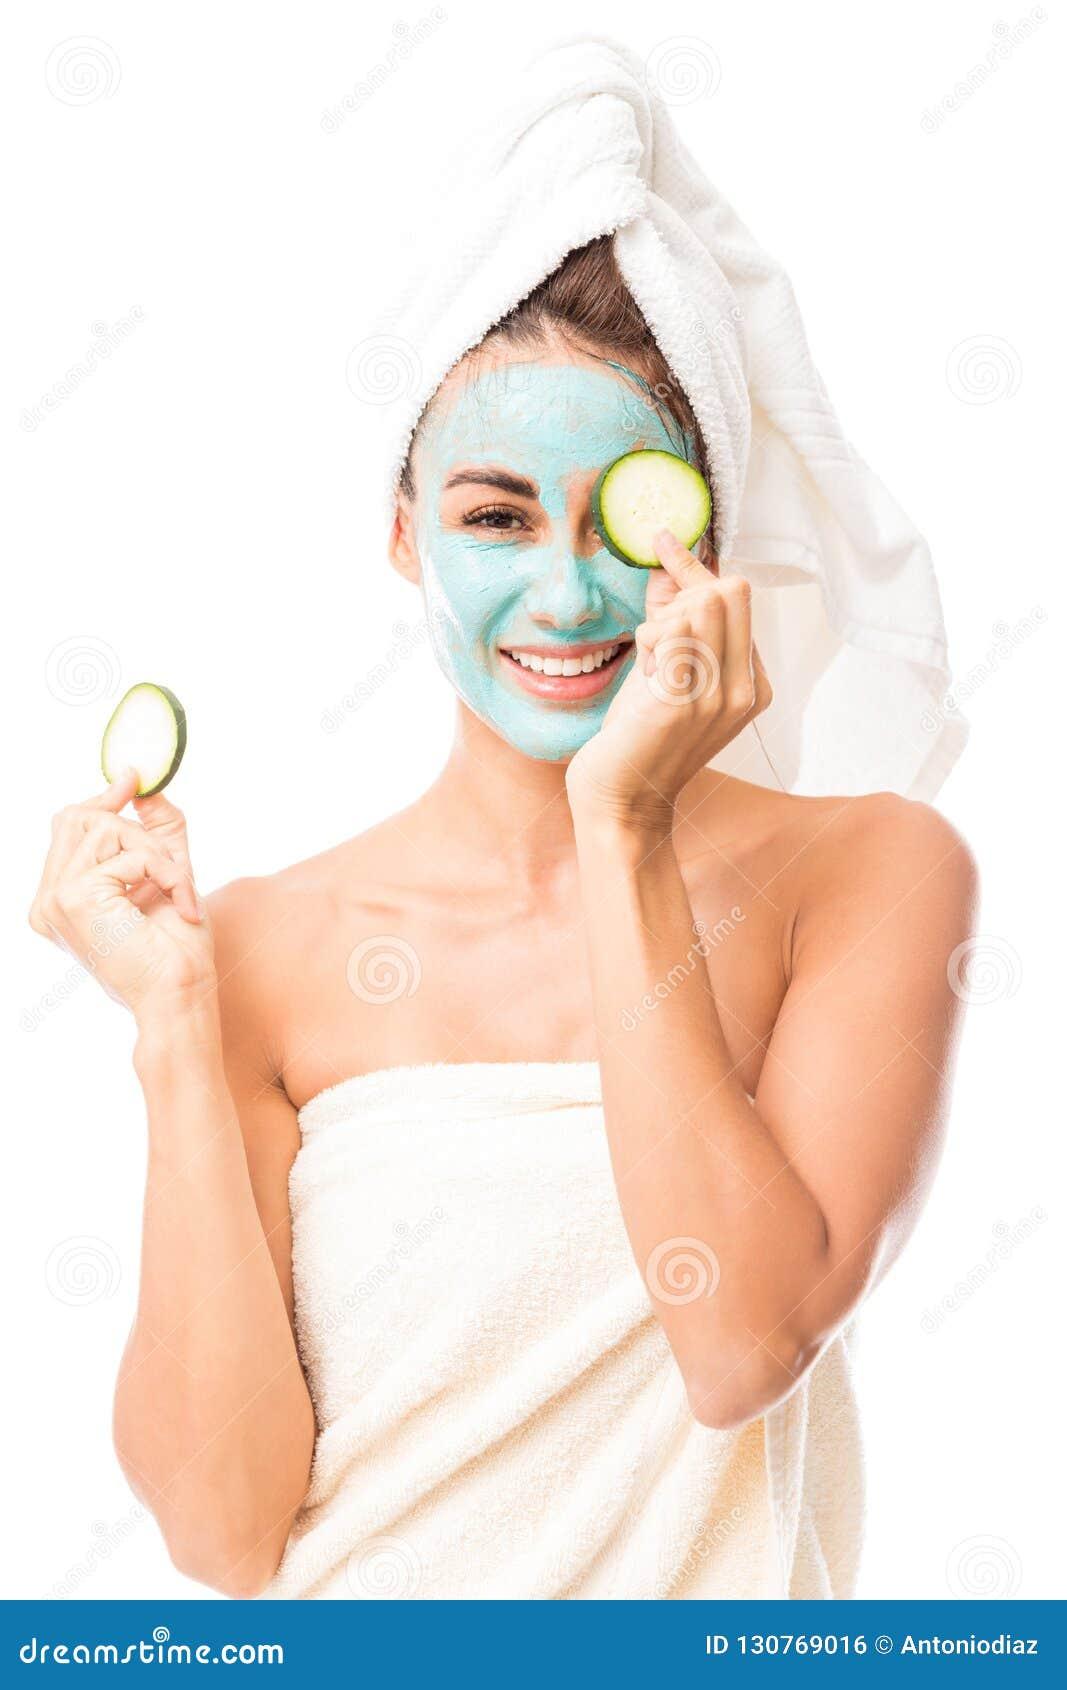 Playful Woman Having Facial Treatment